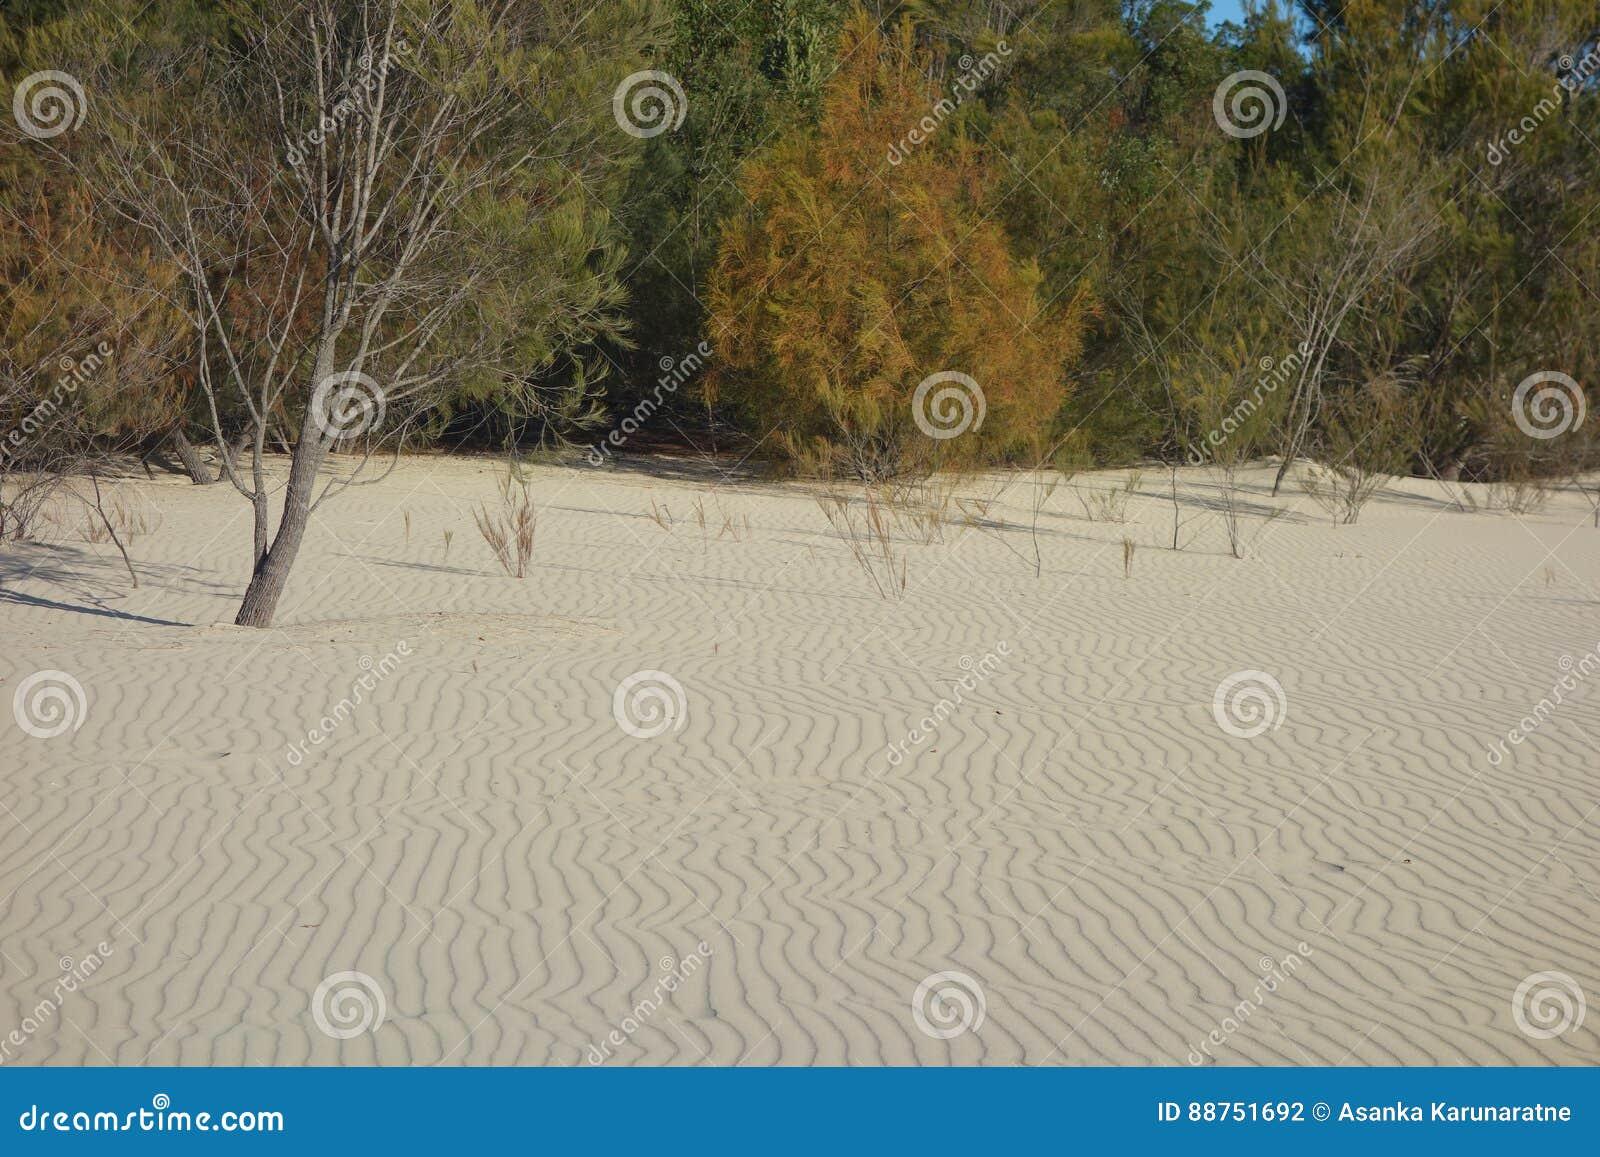 Картины в песке